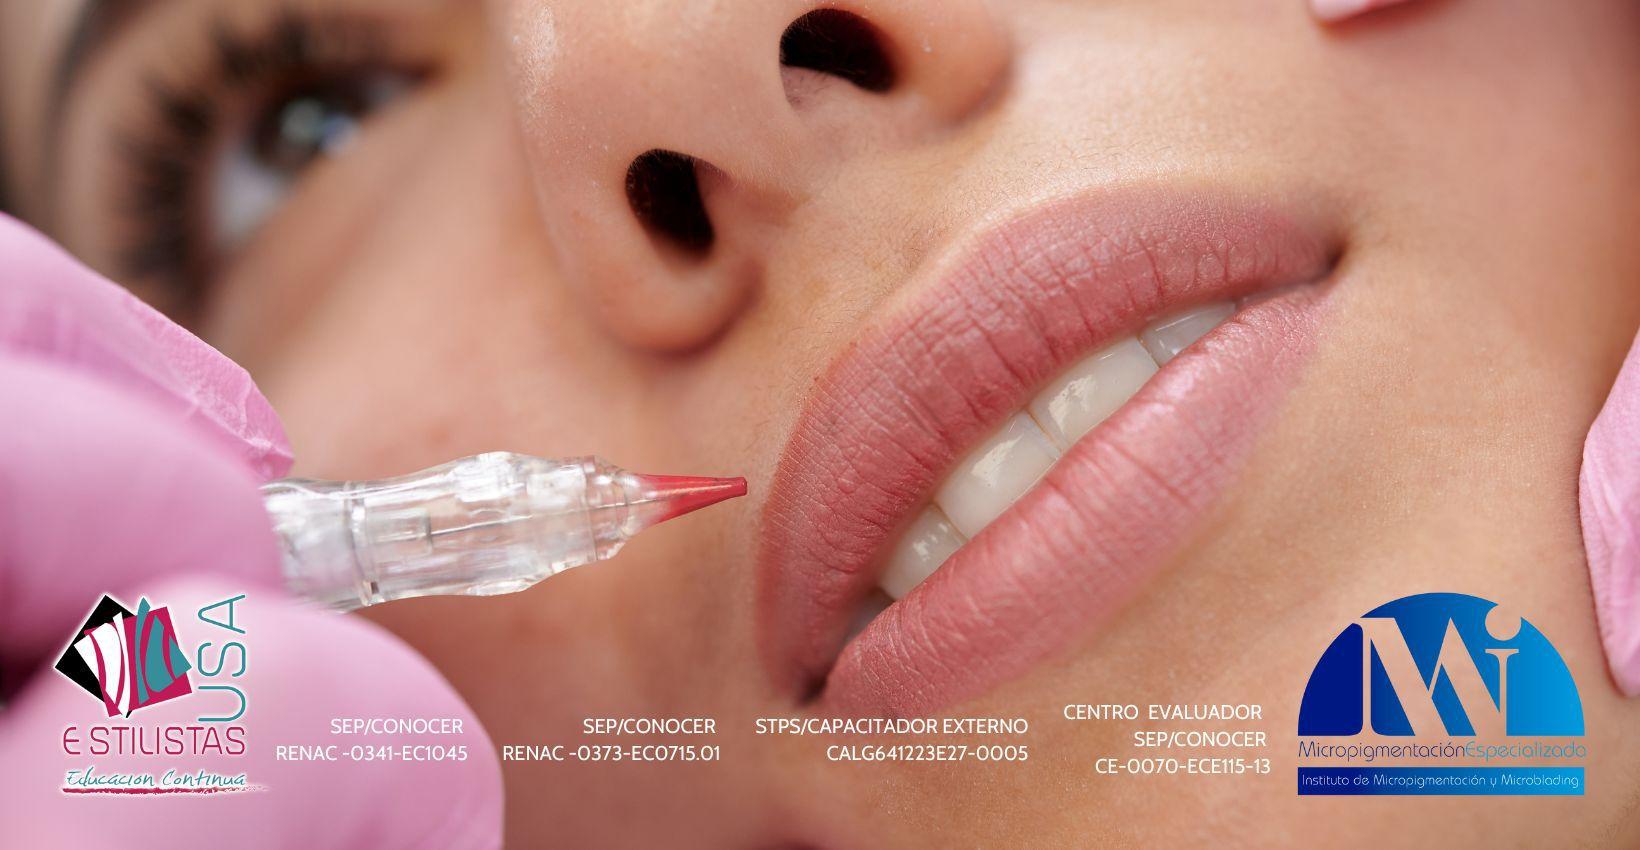 Micropigmentacion, microblading, Maquillaje , Cabello , Cosmetologas